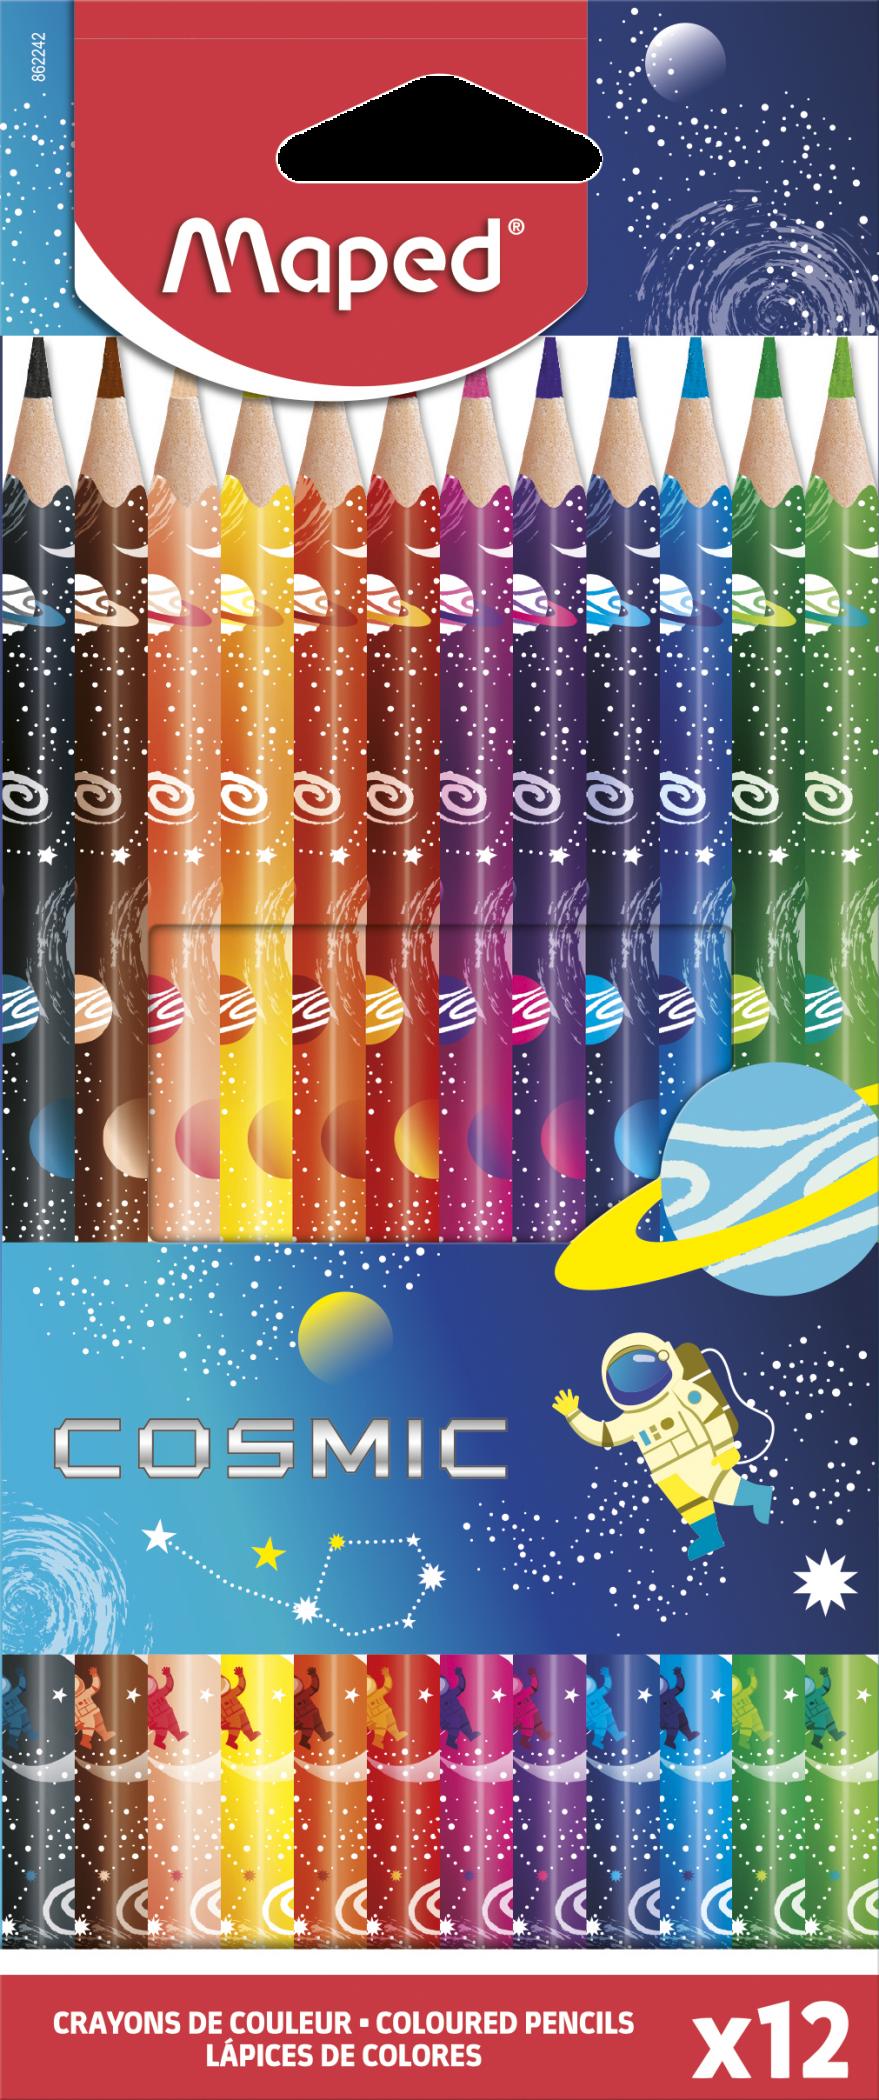 Цветные карандаши Cosmic, 12 шт.